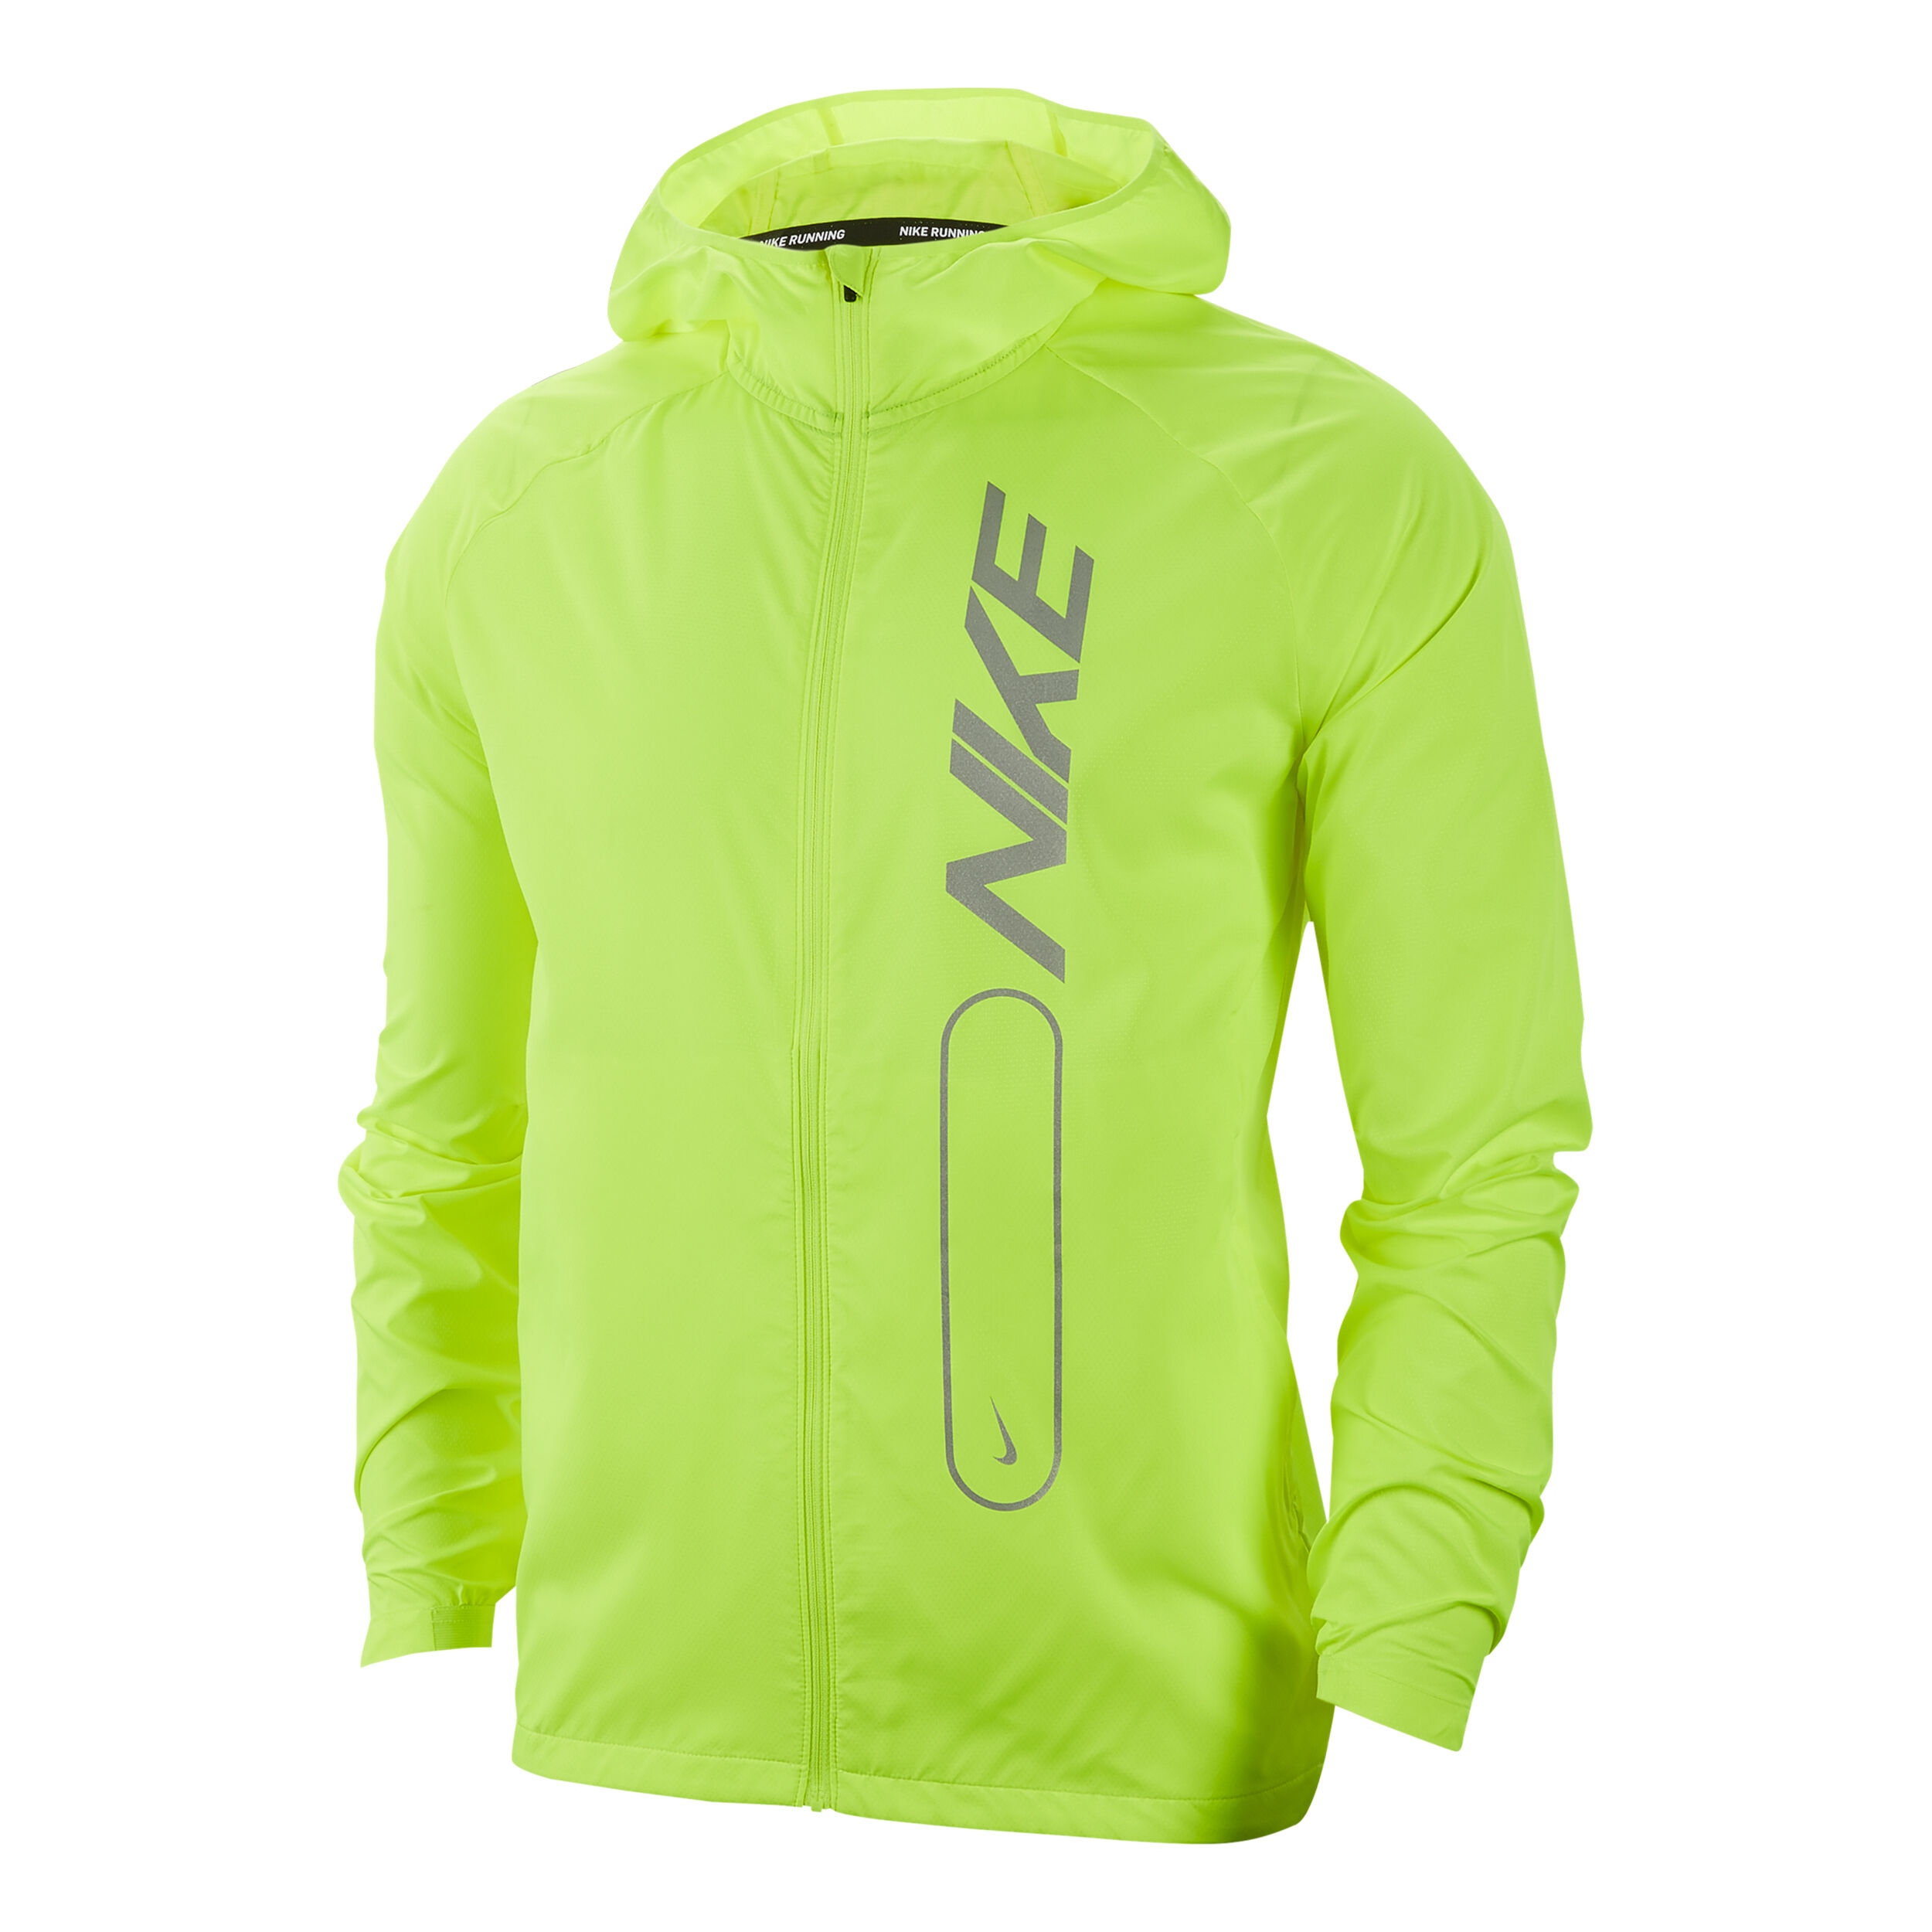 Nike Air Pro Essential Trainingsjacke Herren Neongelb, Silber